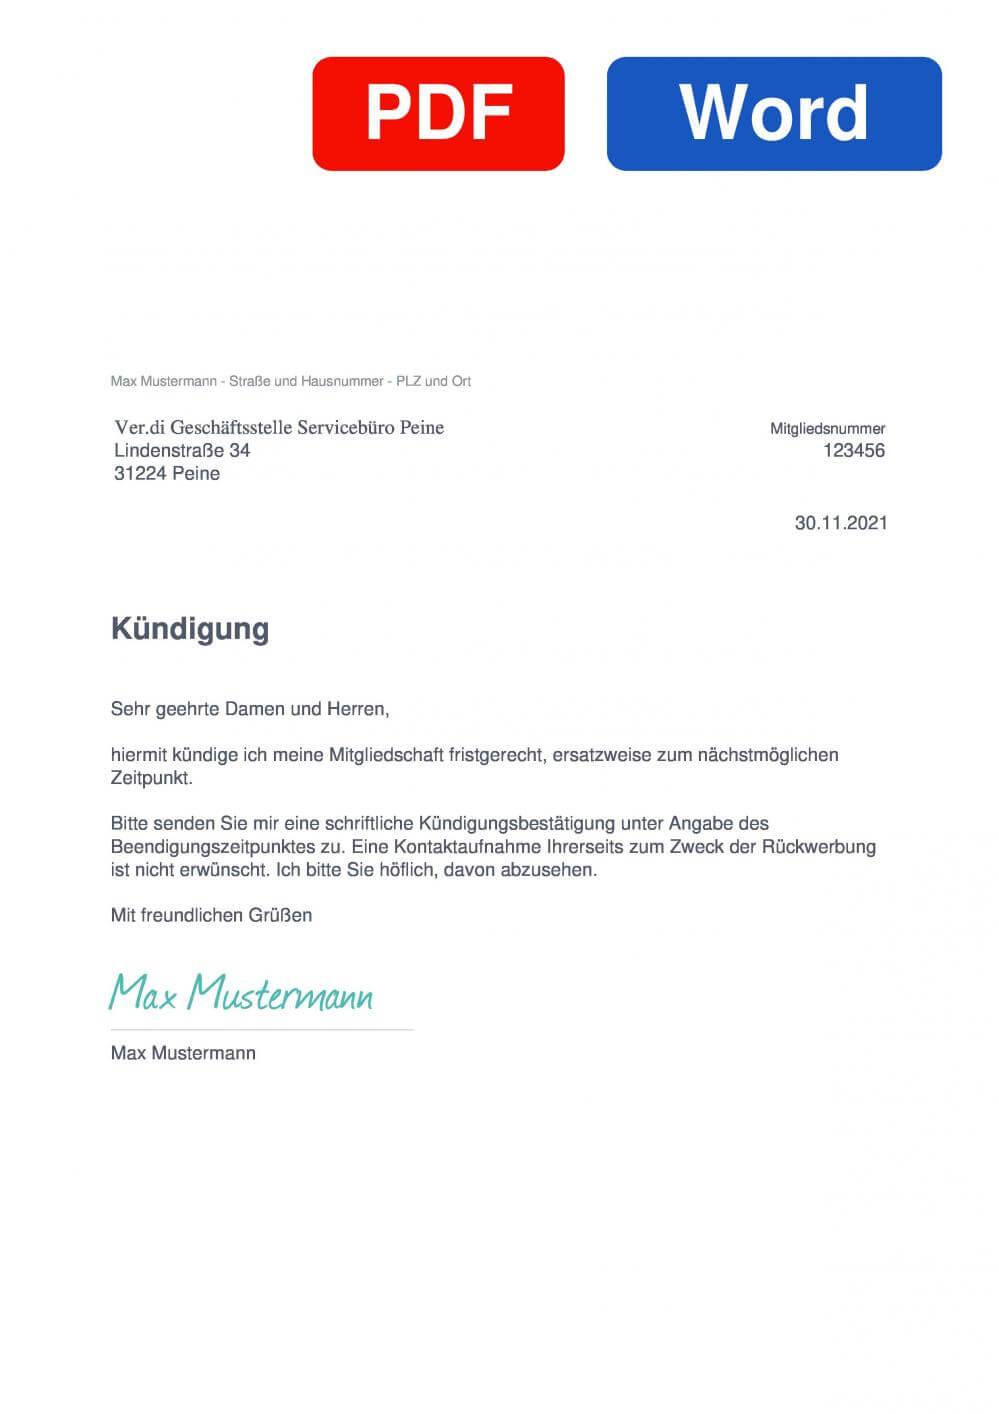 Verdi Peine Muster Vorlage für Kündigungsschreiben